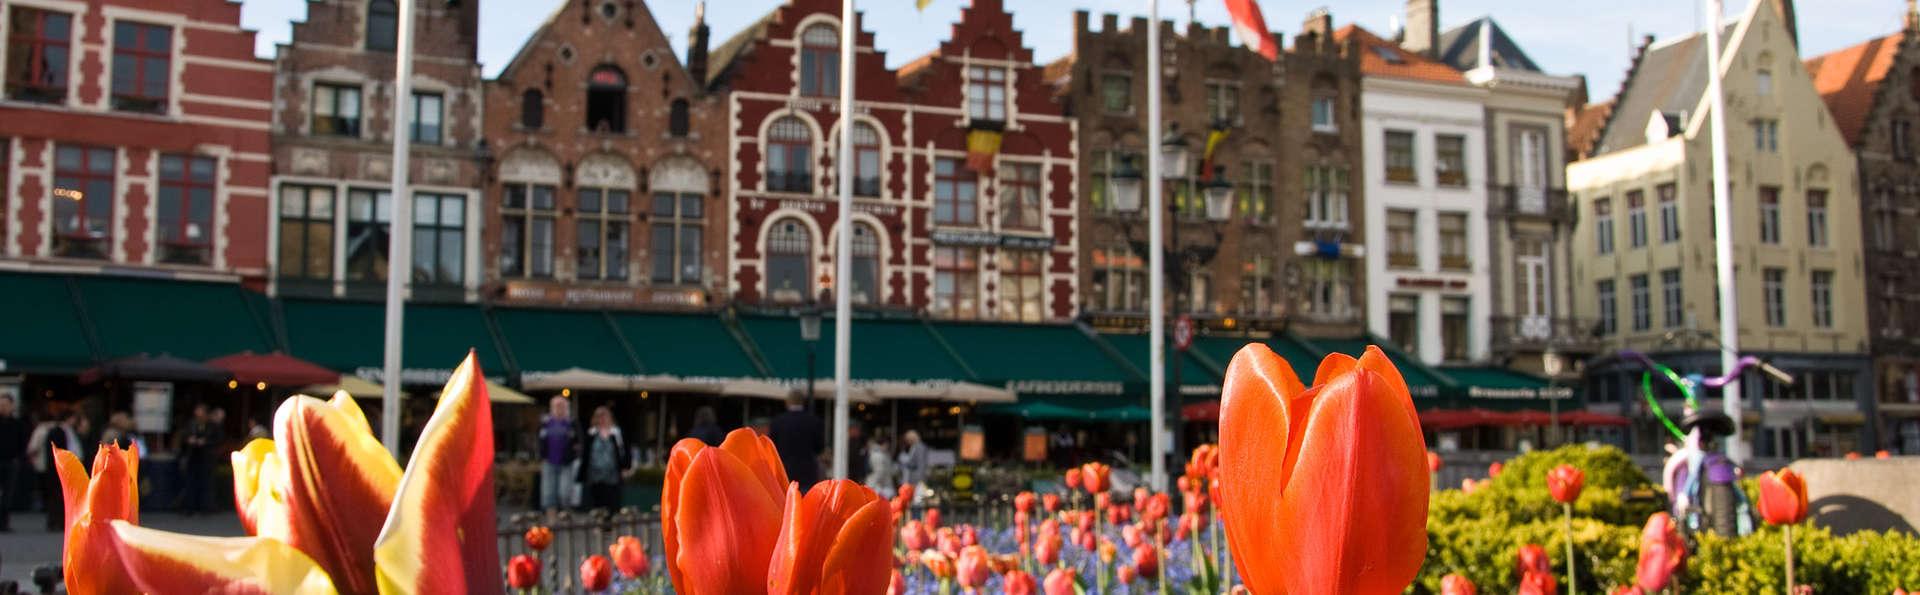 Découvrez Bruges et visitez le musée de la bière (à partir de 2 nuits)